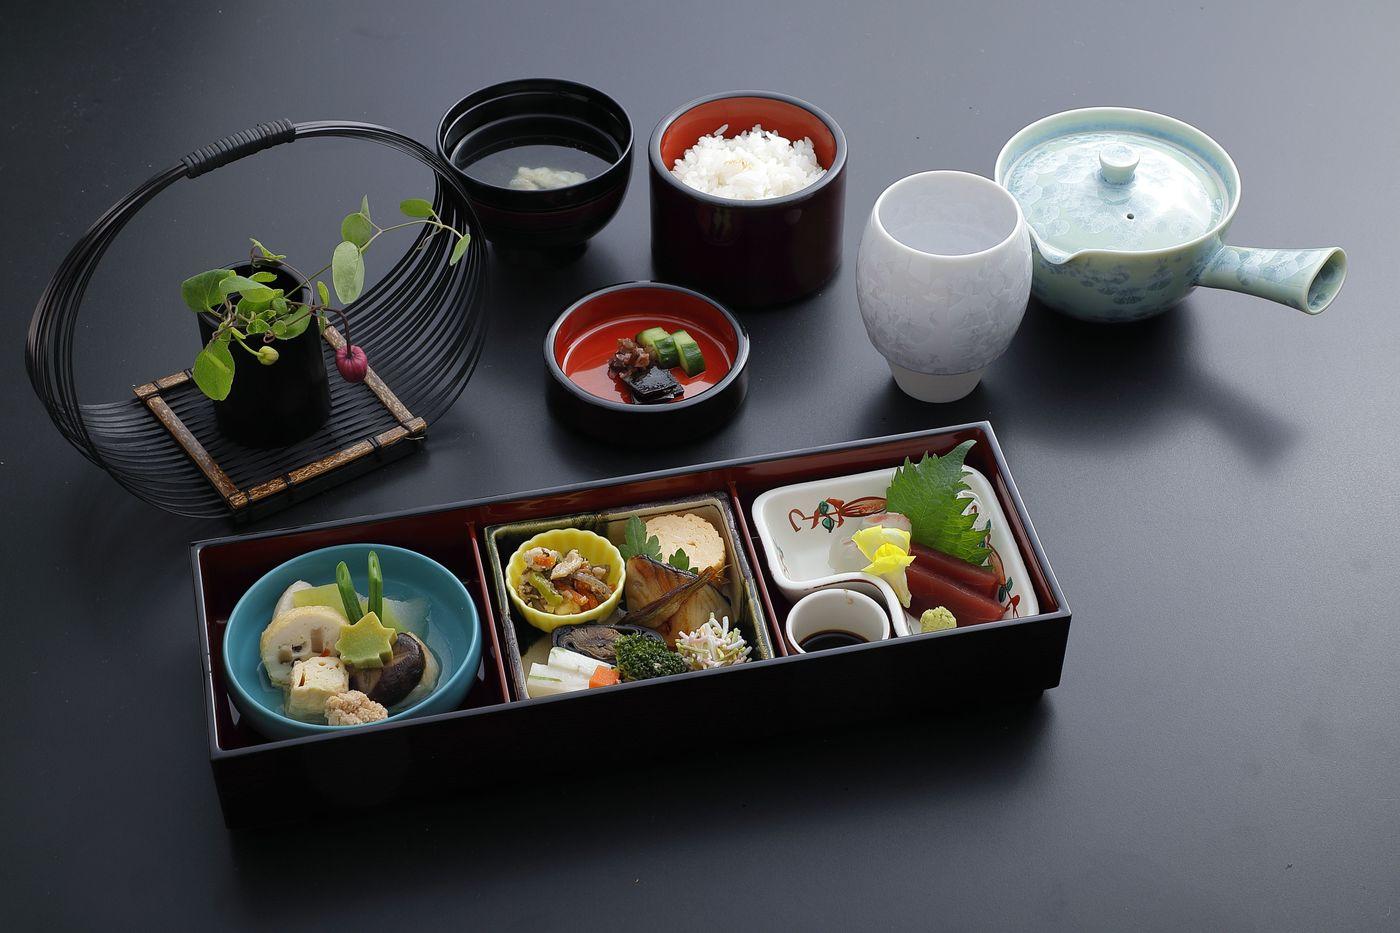 女子旅は人気の観光スポットへ!和を感じられる京都旅行特集の13枚目の画像